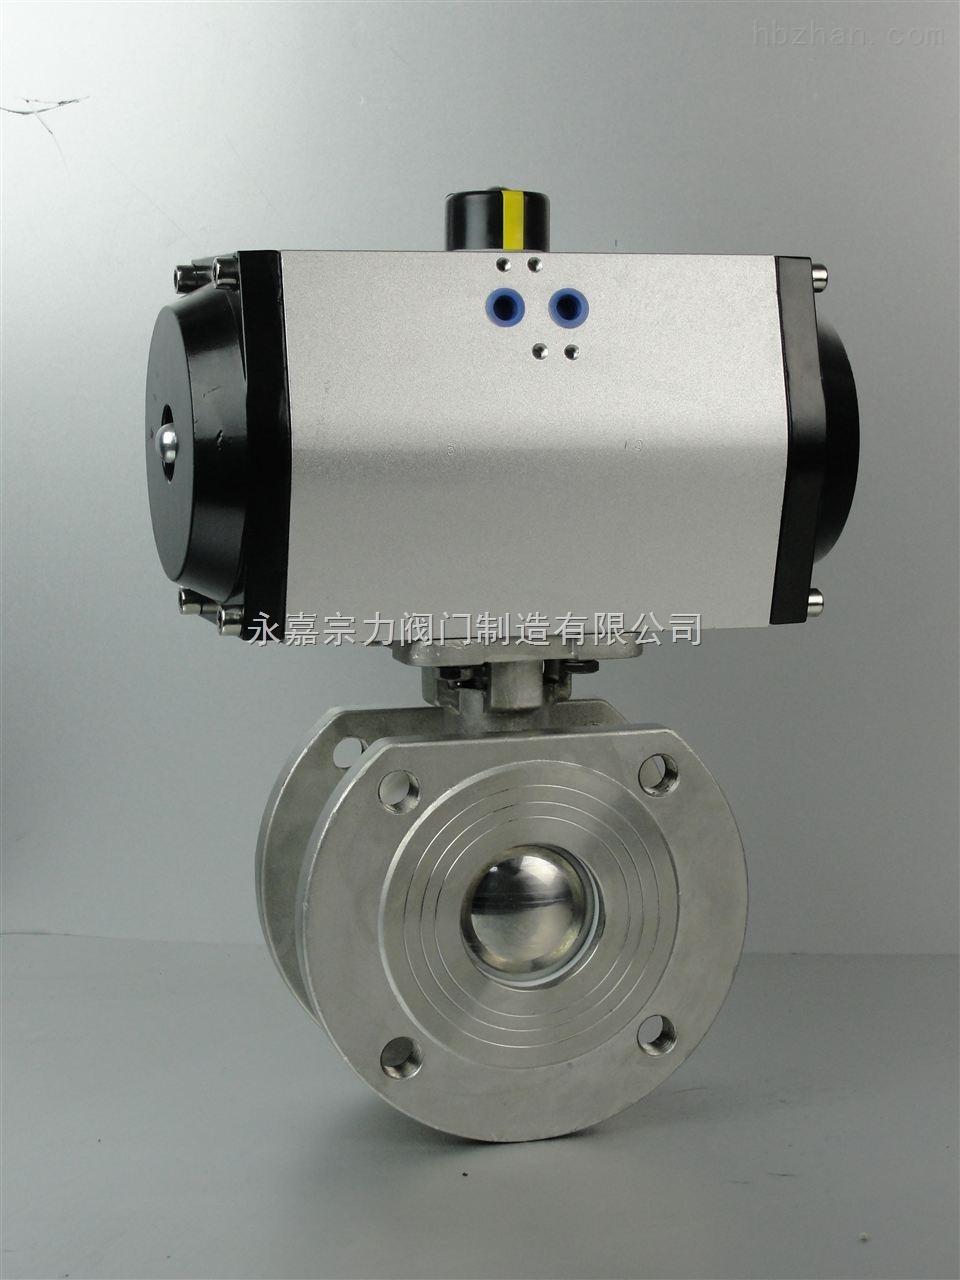 bv1-气动二通防爆调节薄型球阀bv1-供求商机-永嘉宗图片